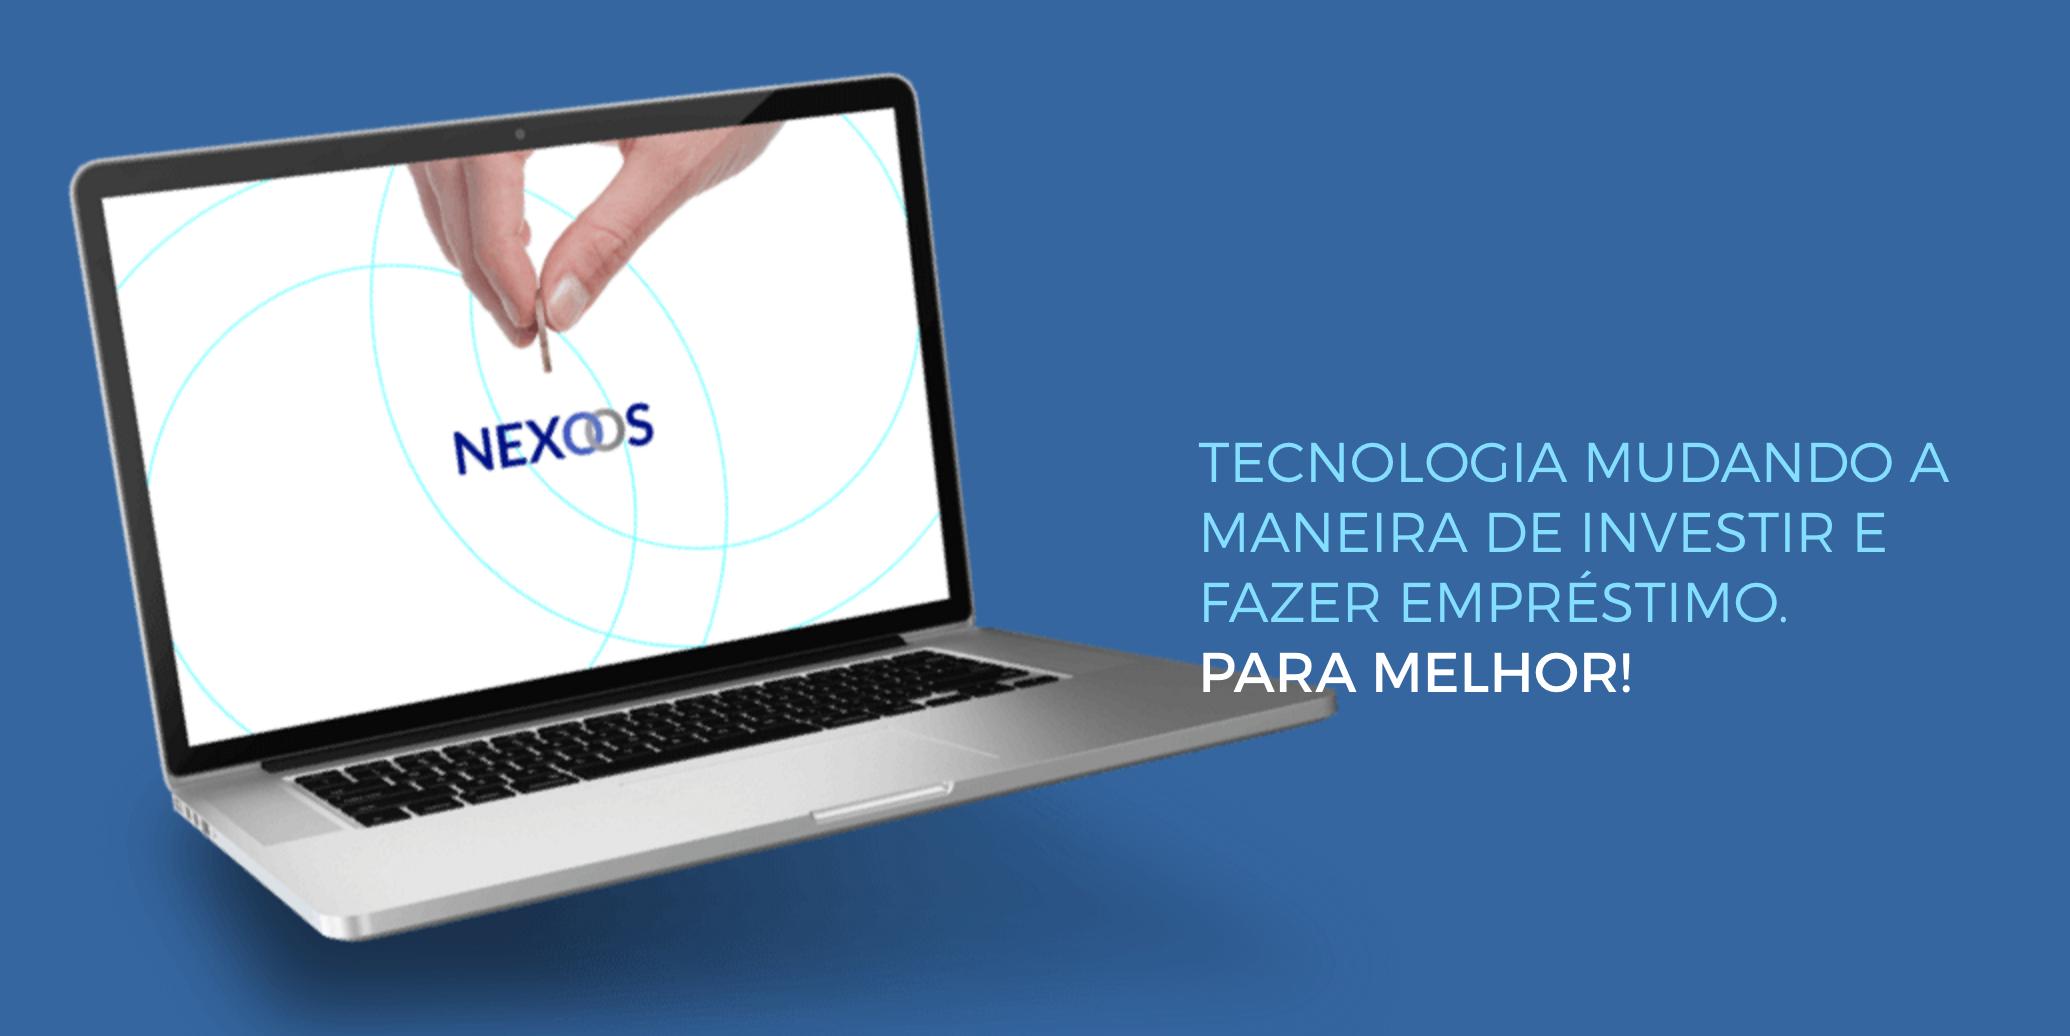 A Fintech Nexoos consolida sua posição de liderança no mercado de empréstimos corporativos. Comemora os resultados de 2019 e prevê um ano ainda